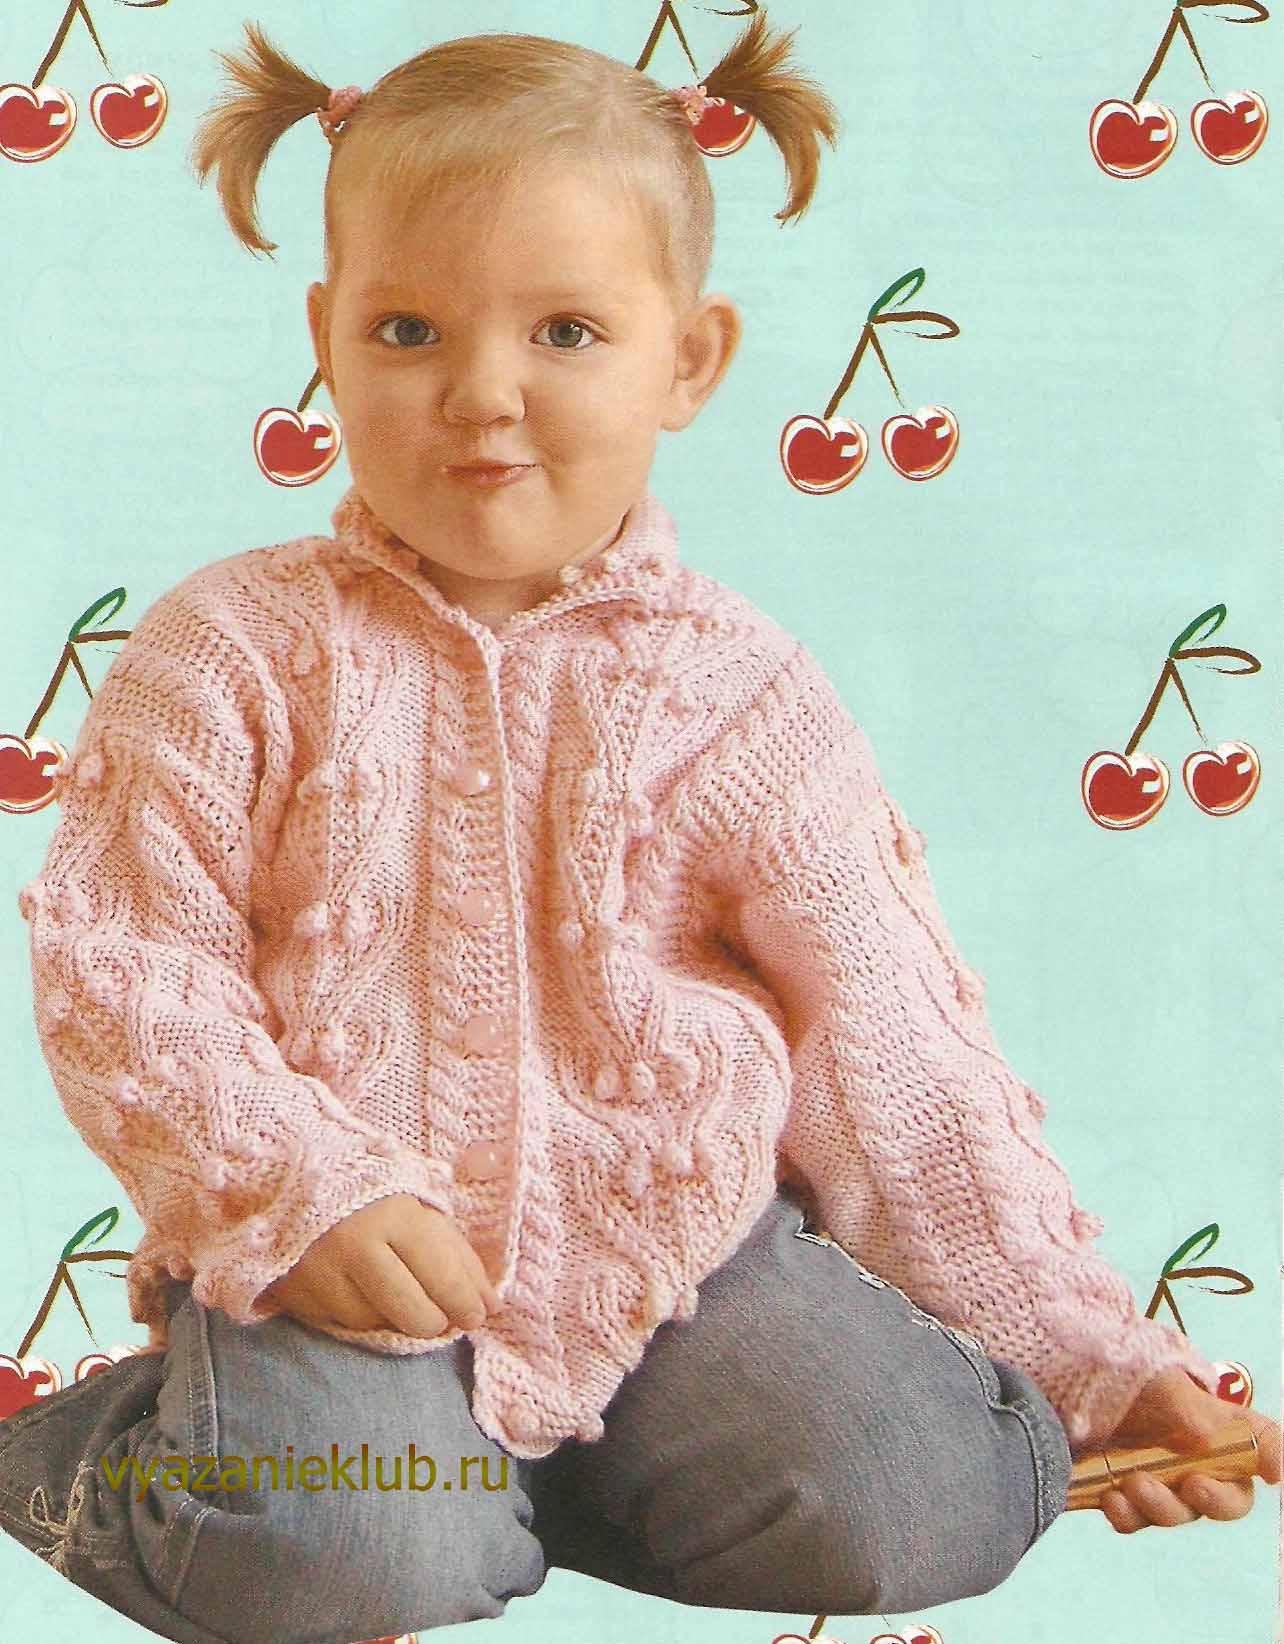 кофточка для девочки от 0 до 2 лет с описанием для детей до 3 лет